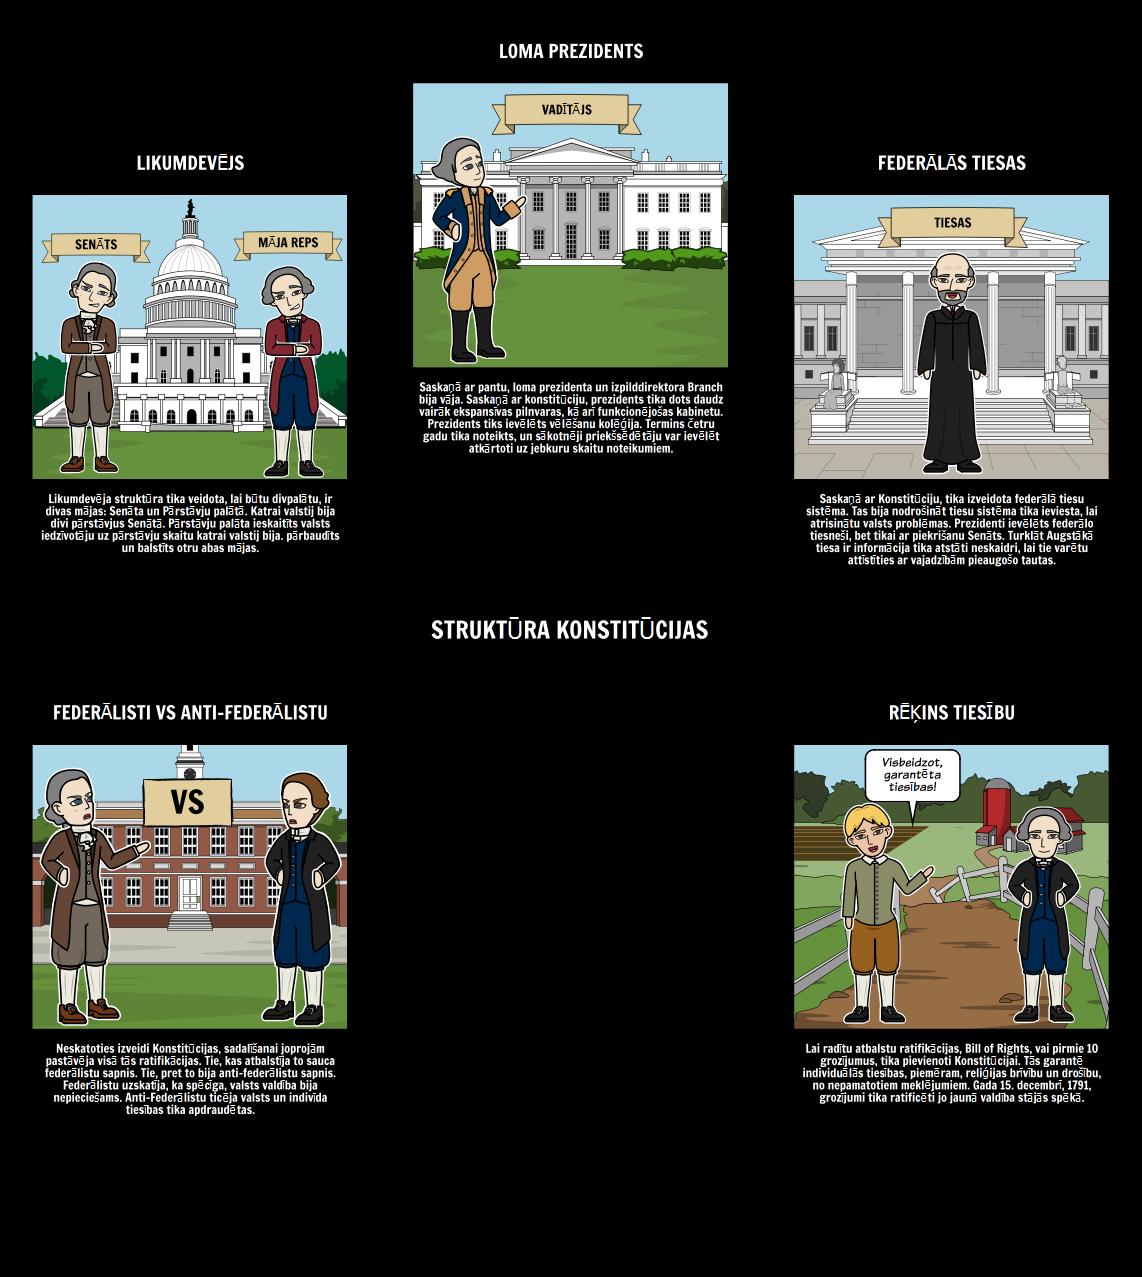 Federālisms - Struktūra Konstitūcijas